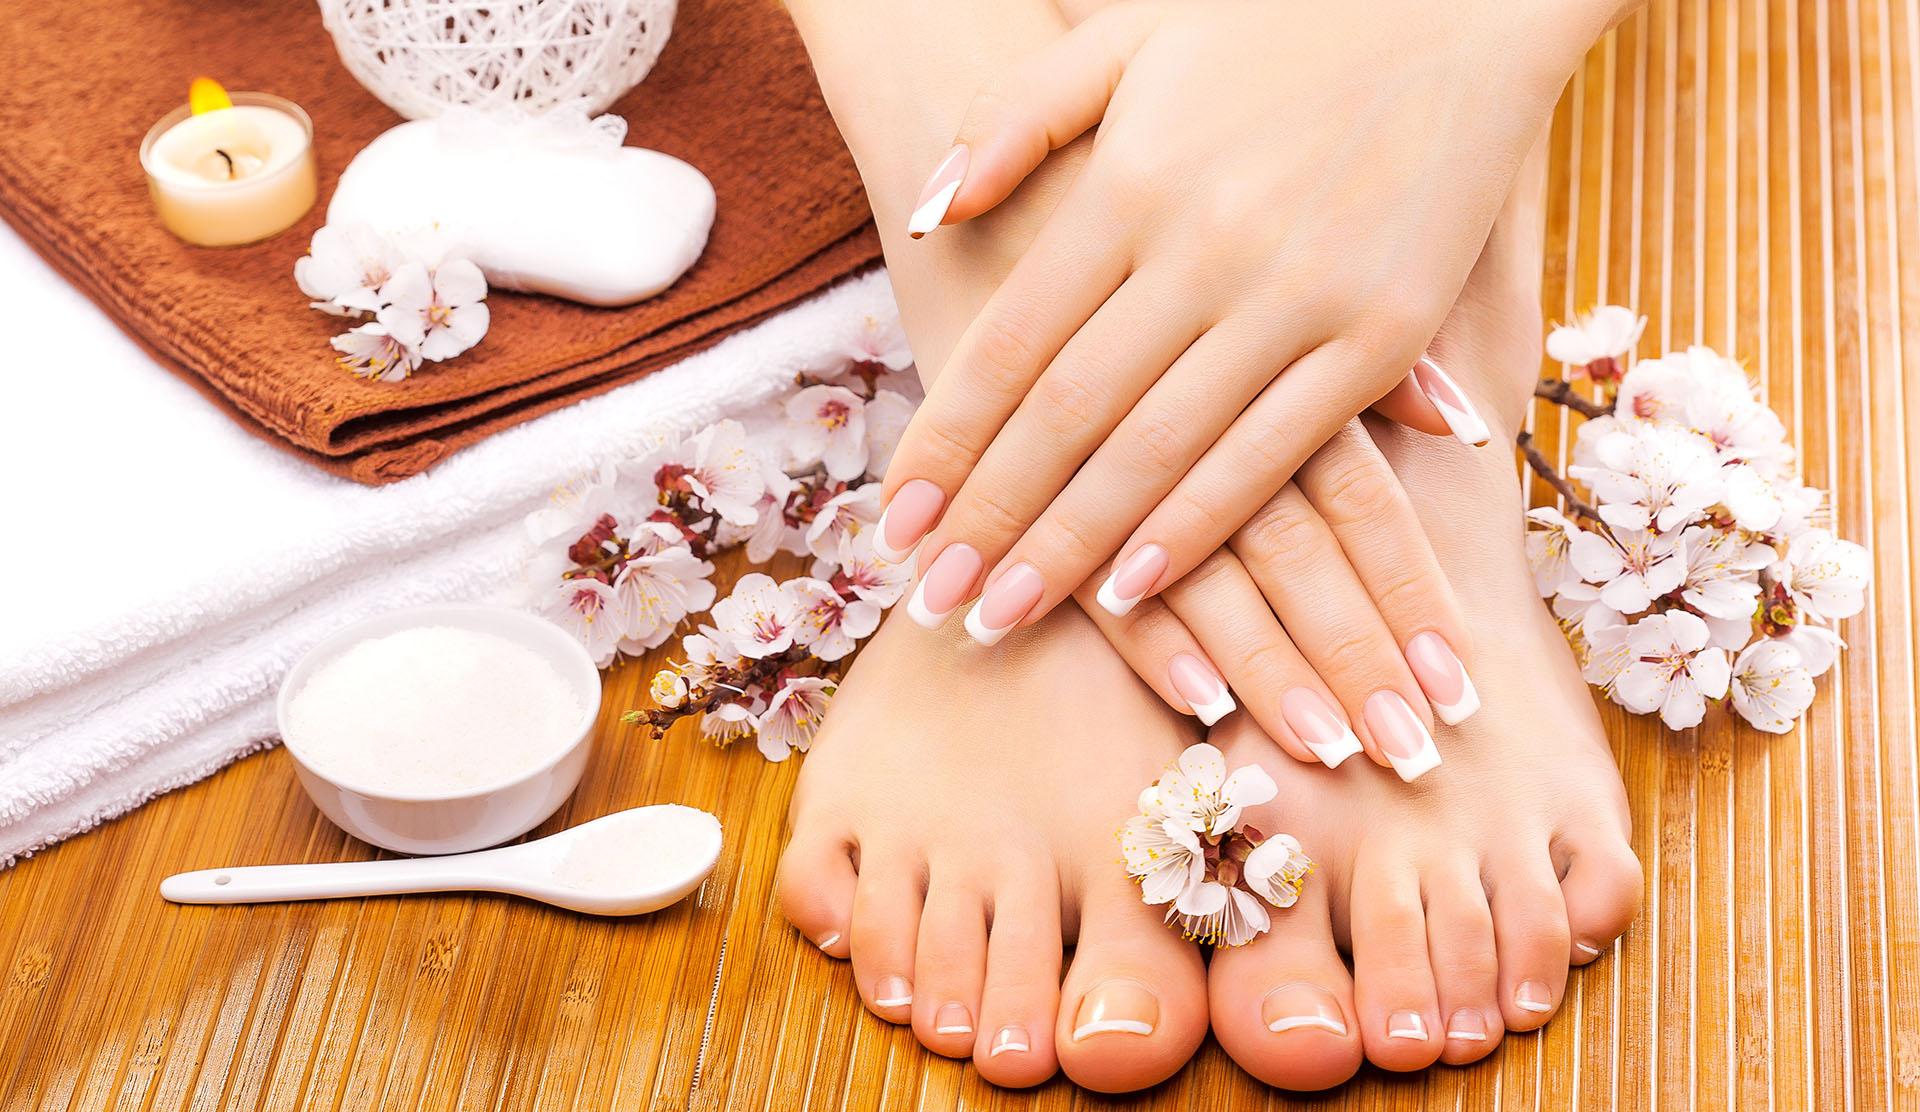 manos-pies-saludables-estetica-resukare